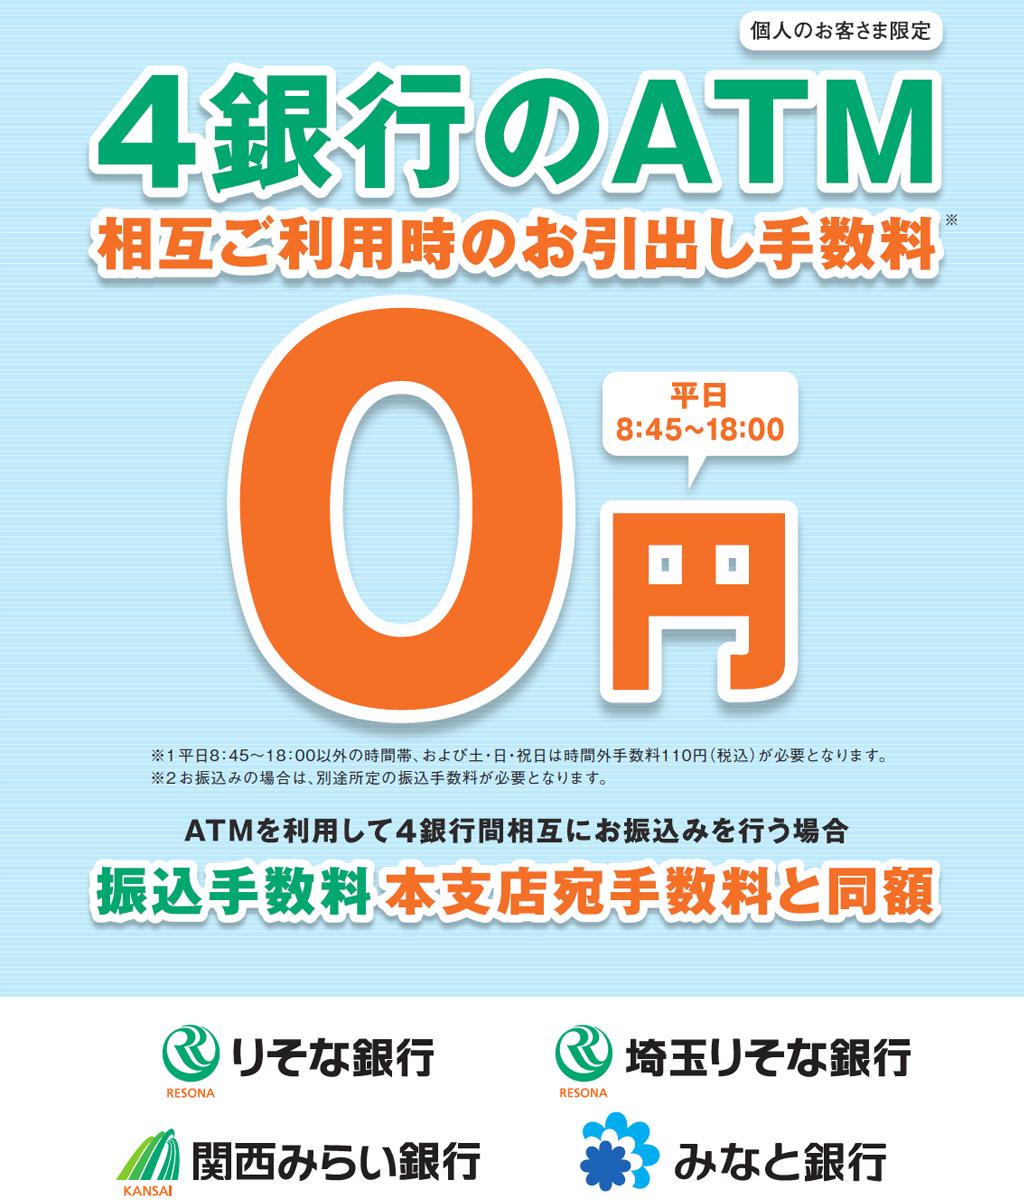 5銀行のATMが、便利に、おトクに、つながります!